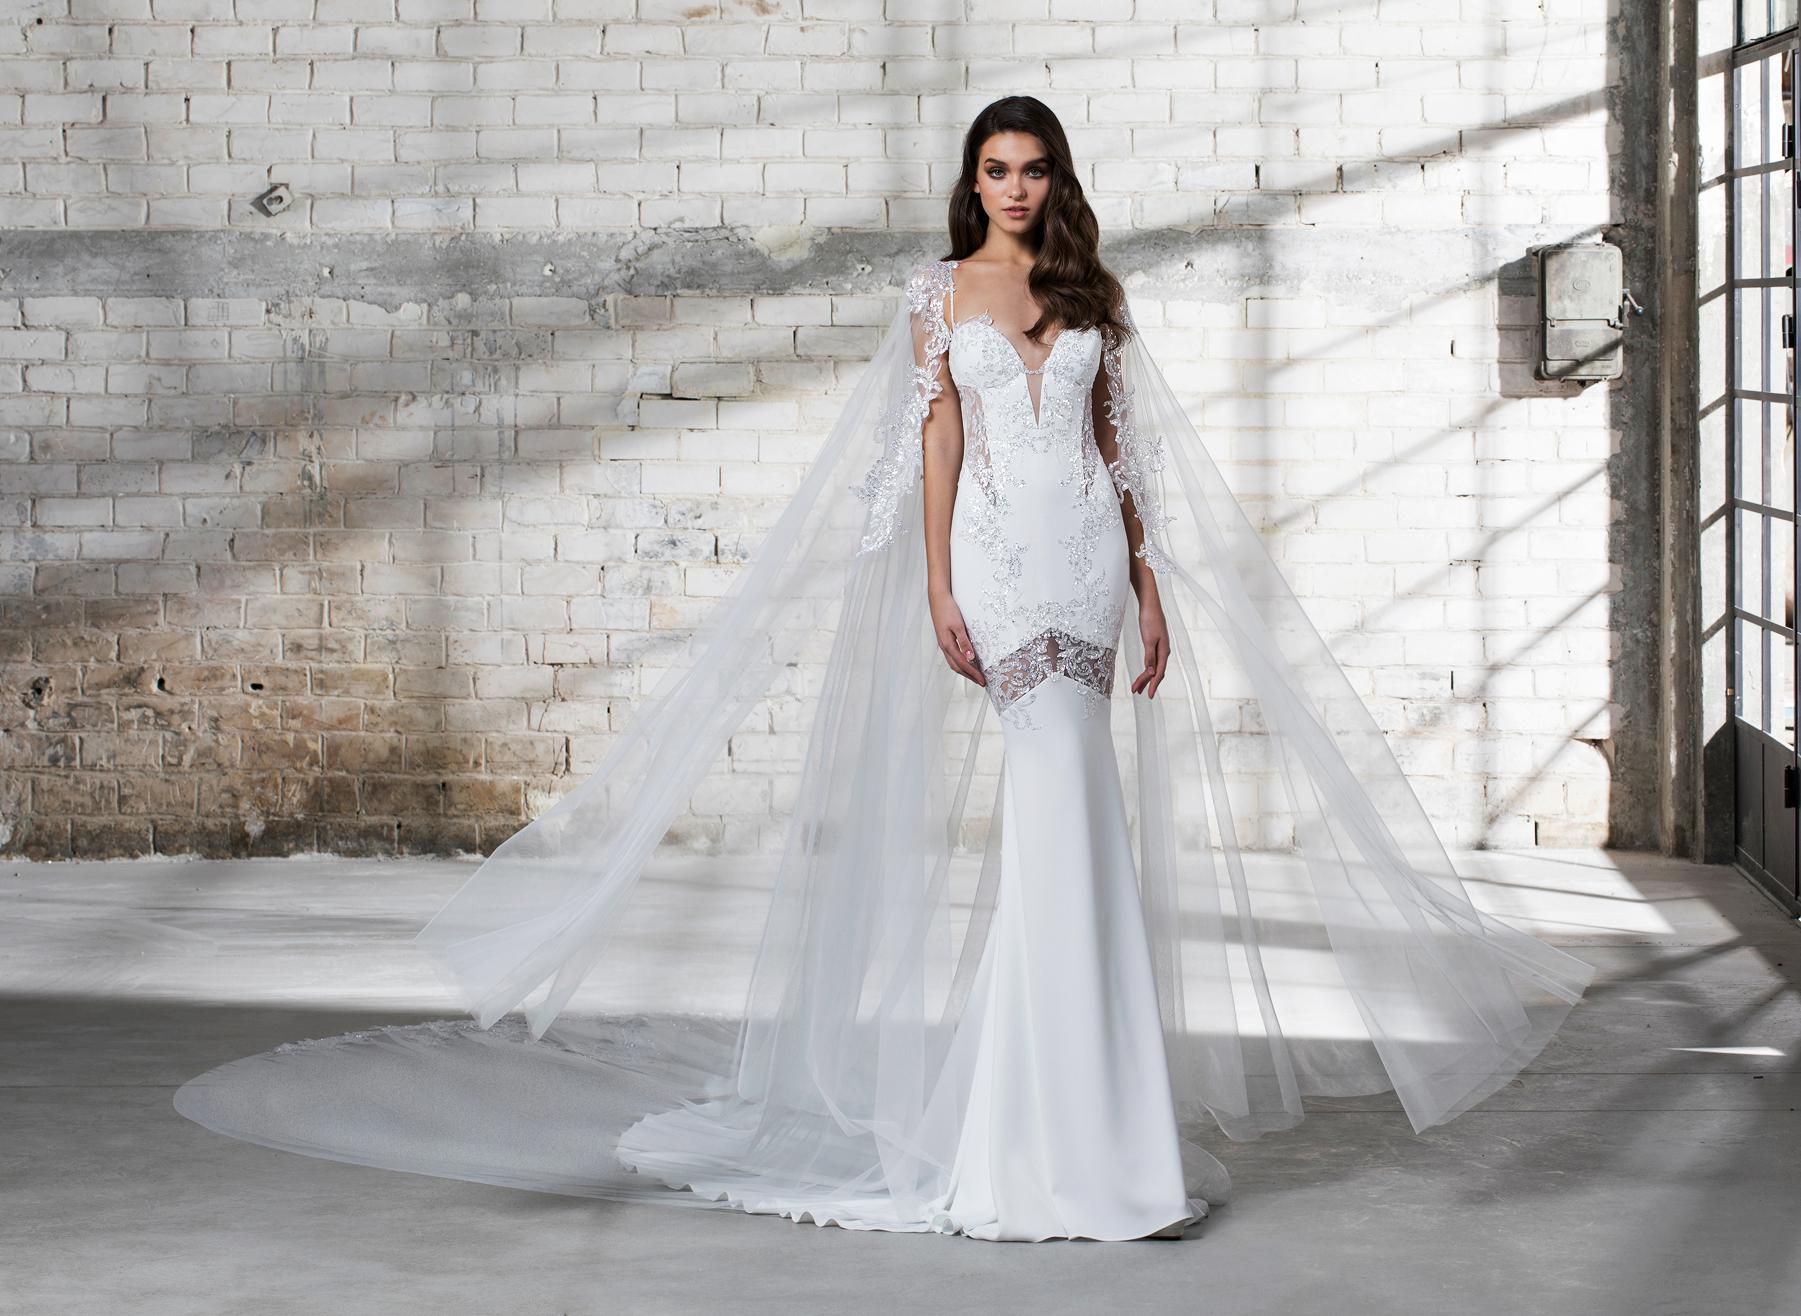 pnina tornai wedding dress spring 2019 trumpet cape deep v